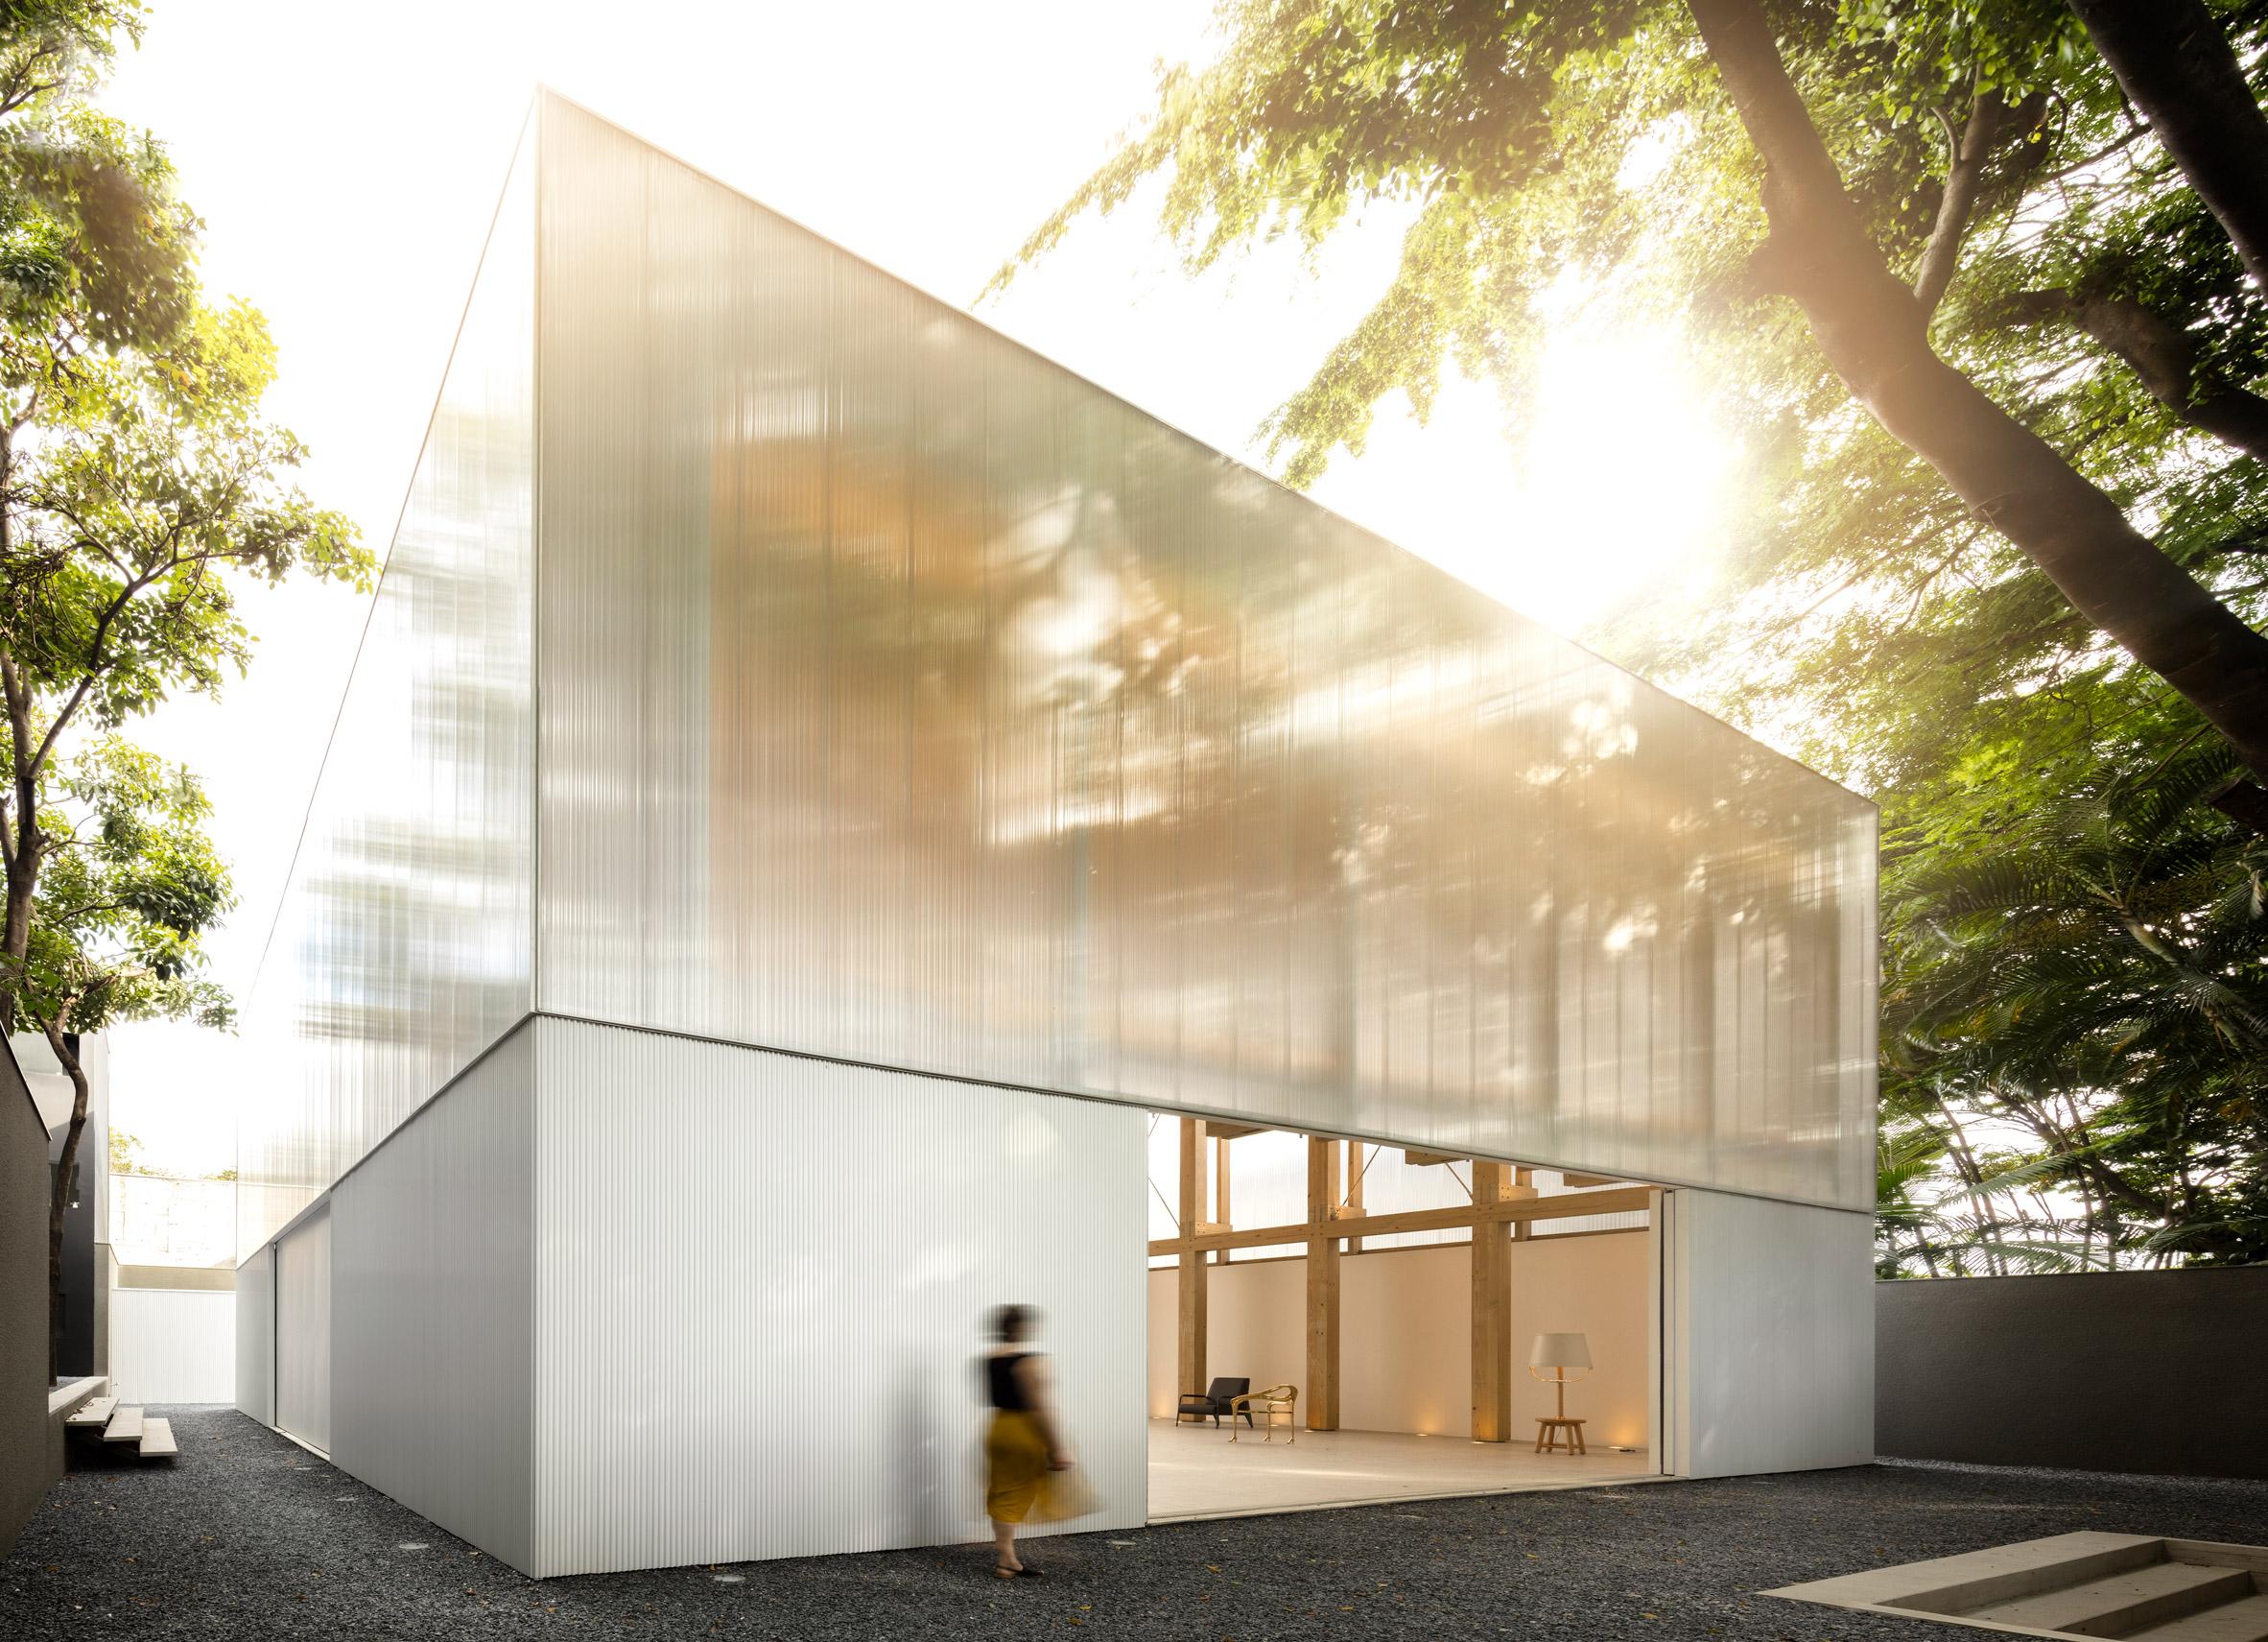 Studio MK27 creates minimalist pavilion for Micasa campus in São Paulo